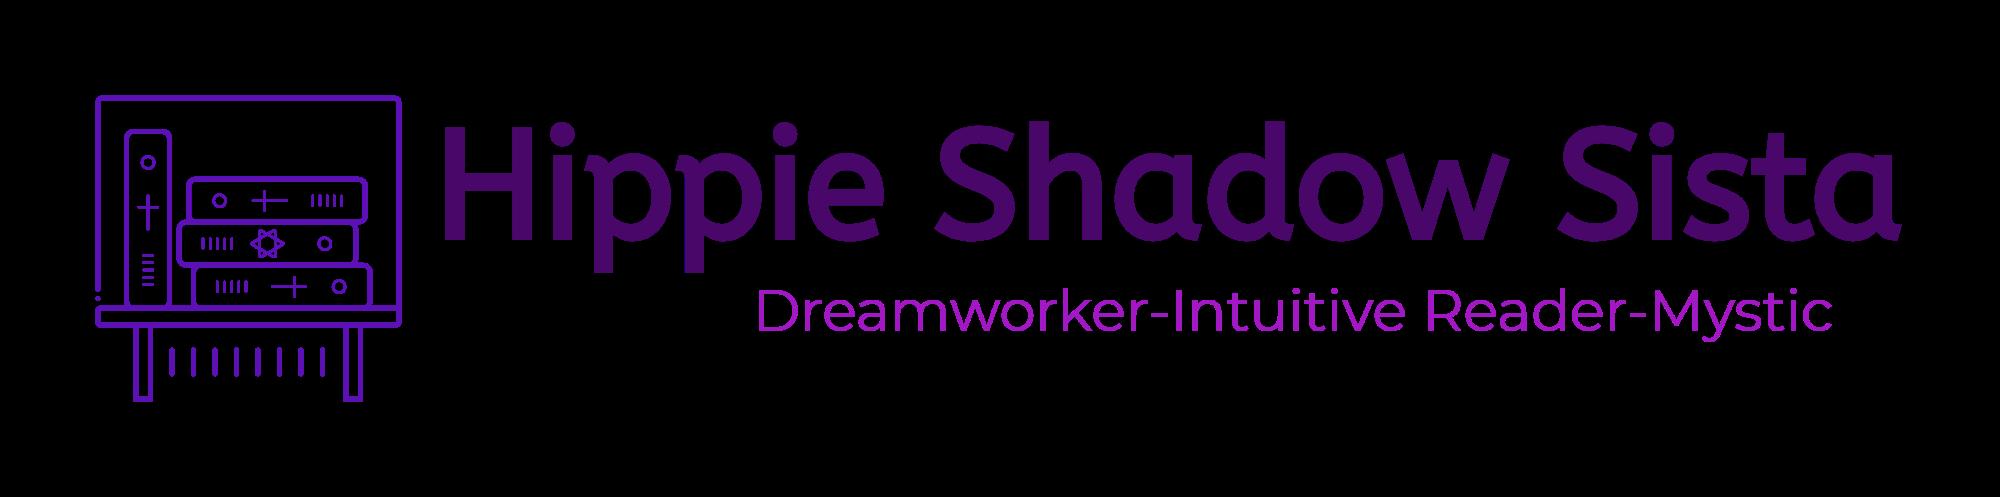 Hippie Shadow Sista-logo.png